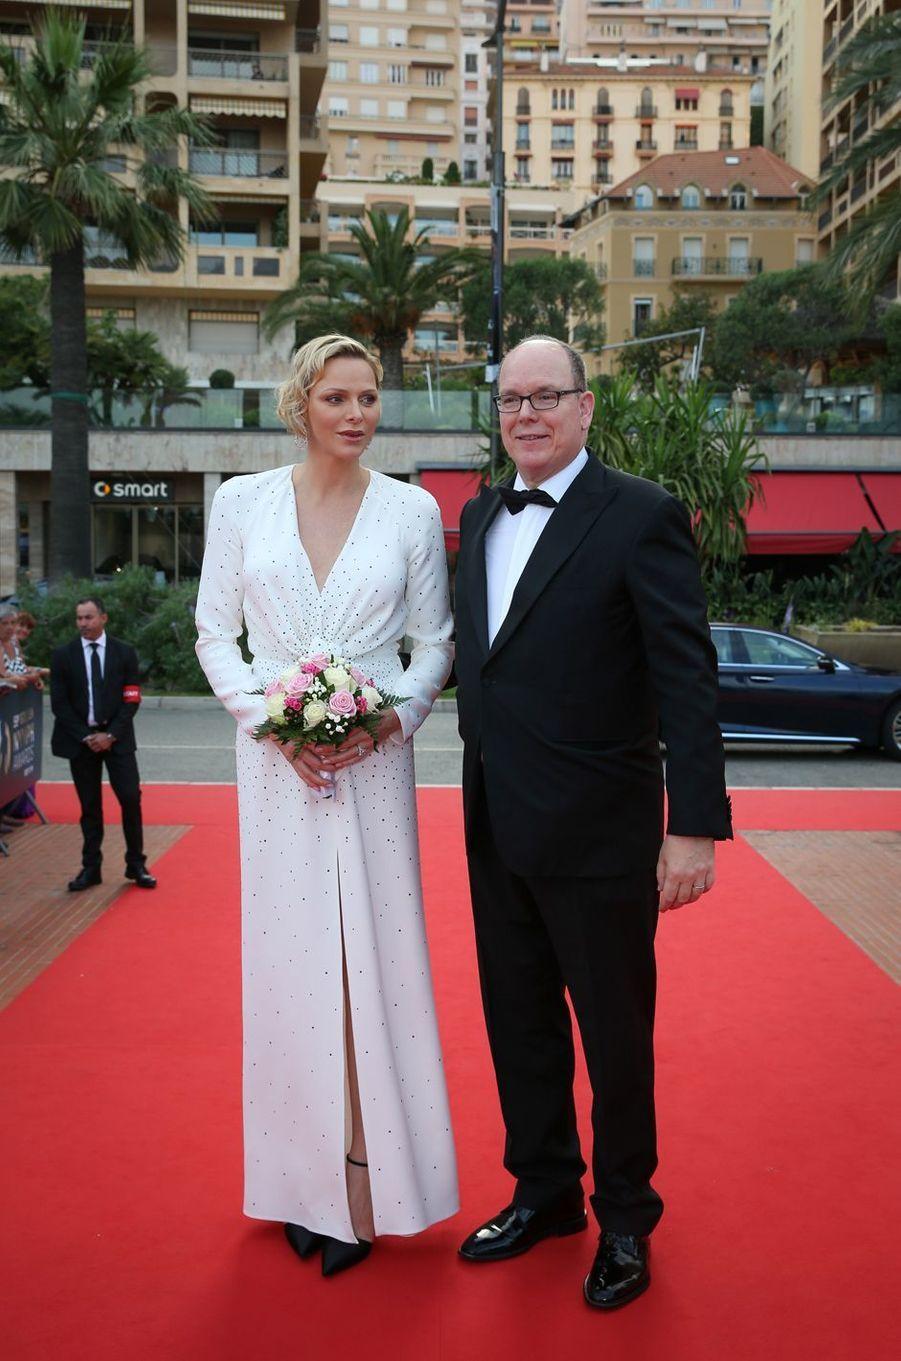 Le prince Albert II et la princesse Charlène de Monaco à Monaco, le 18 juin 2019